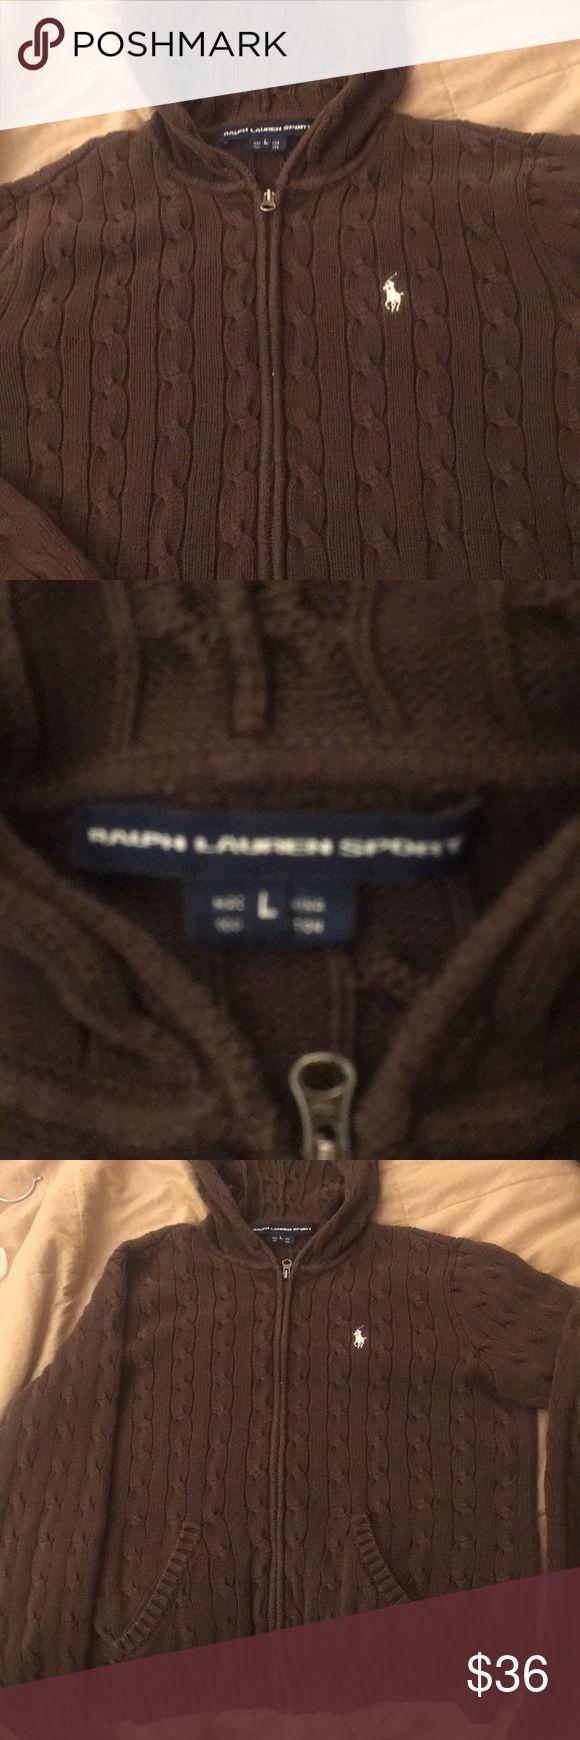 Ralph Lauren BROWN women's zip up size L Ralph Lauren sport women's BROWN zip up size Large. Good condition Ralph Lauren Jackets & Coats